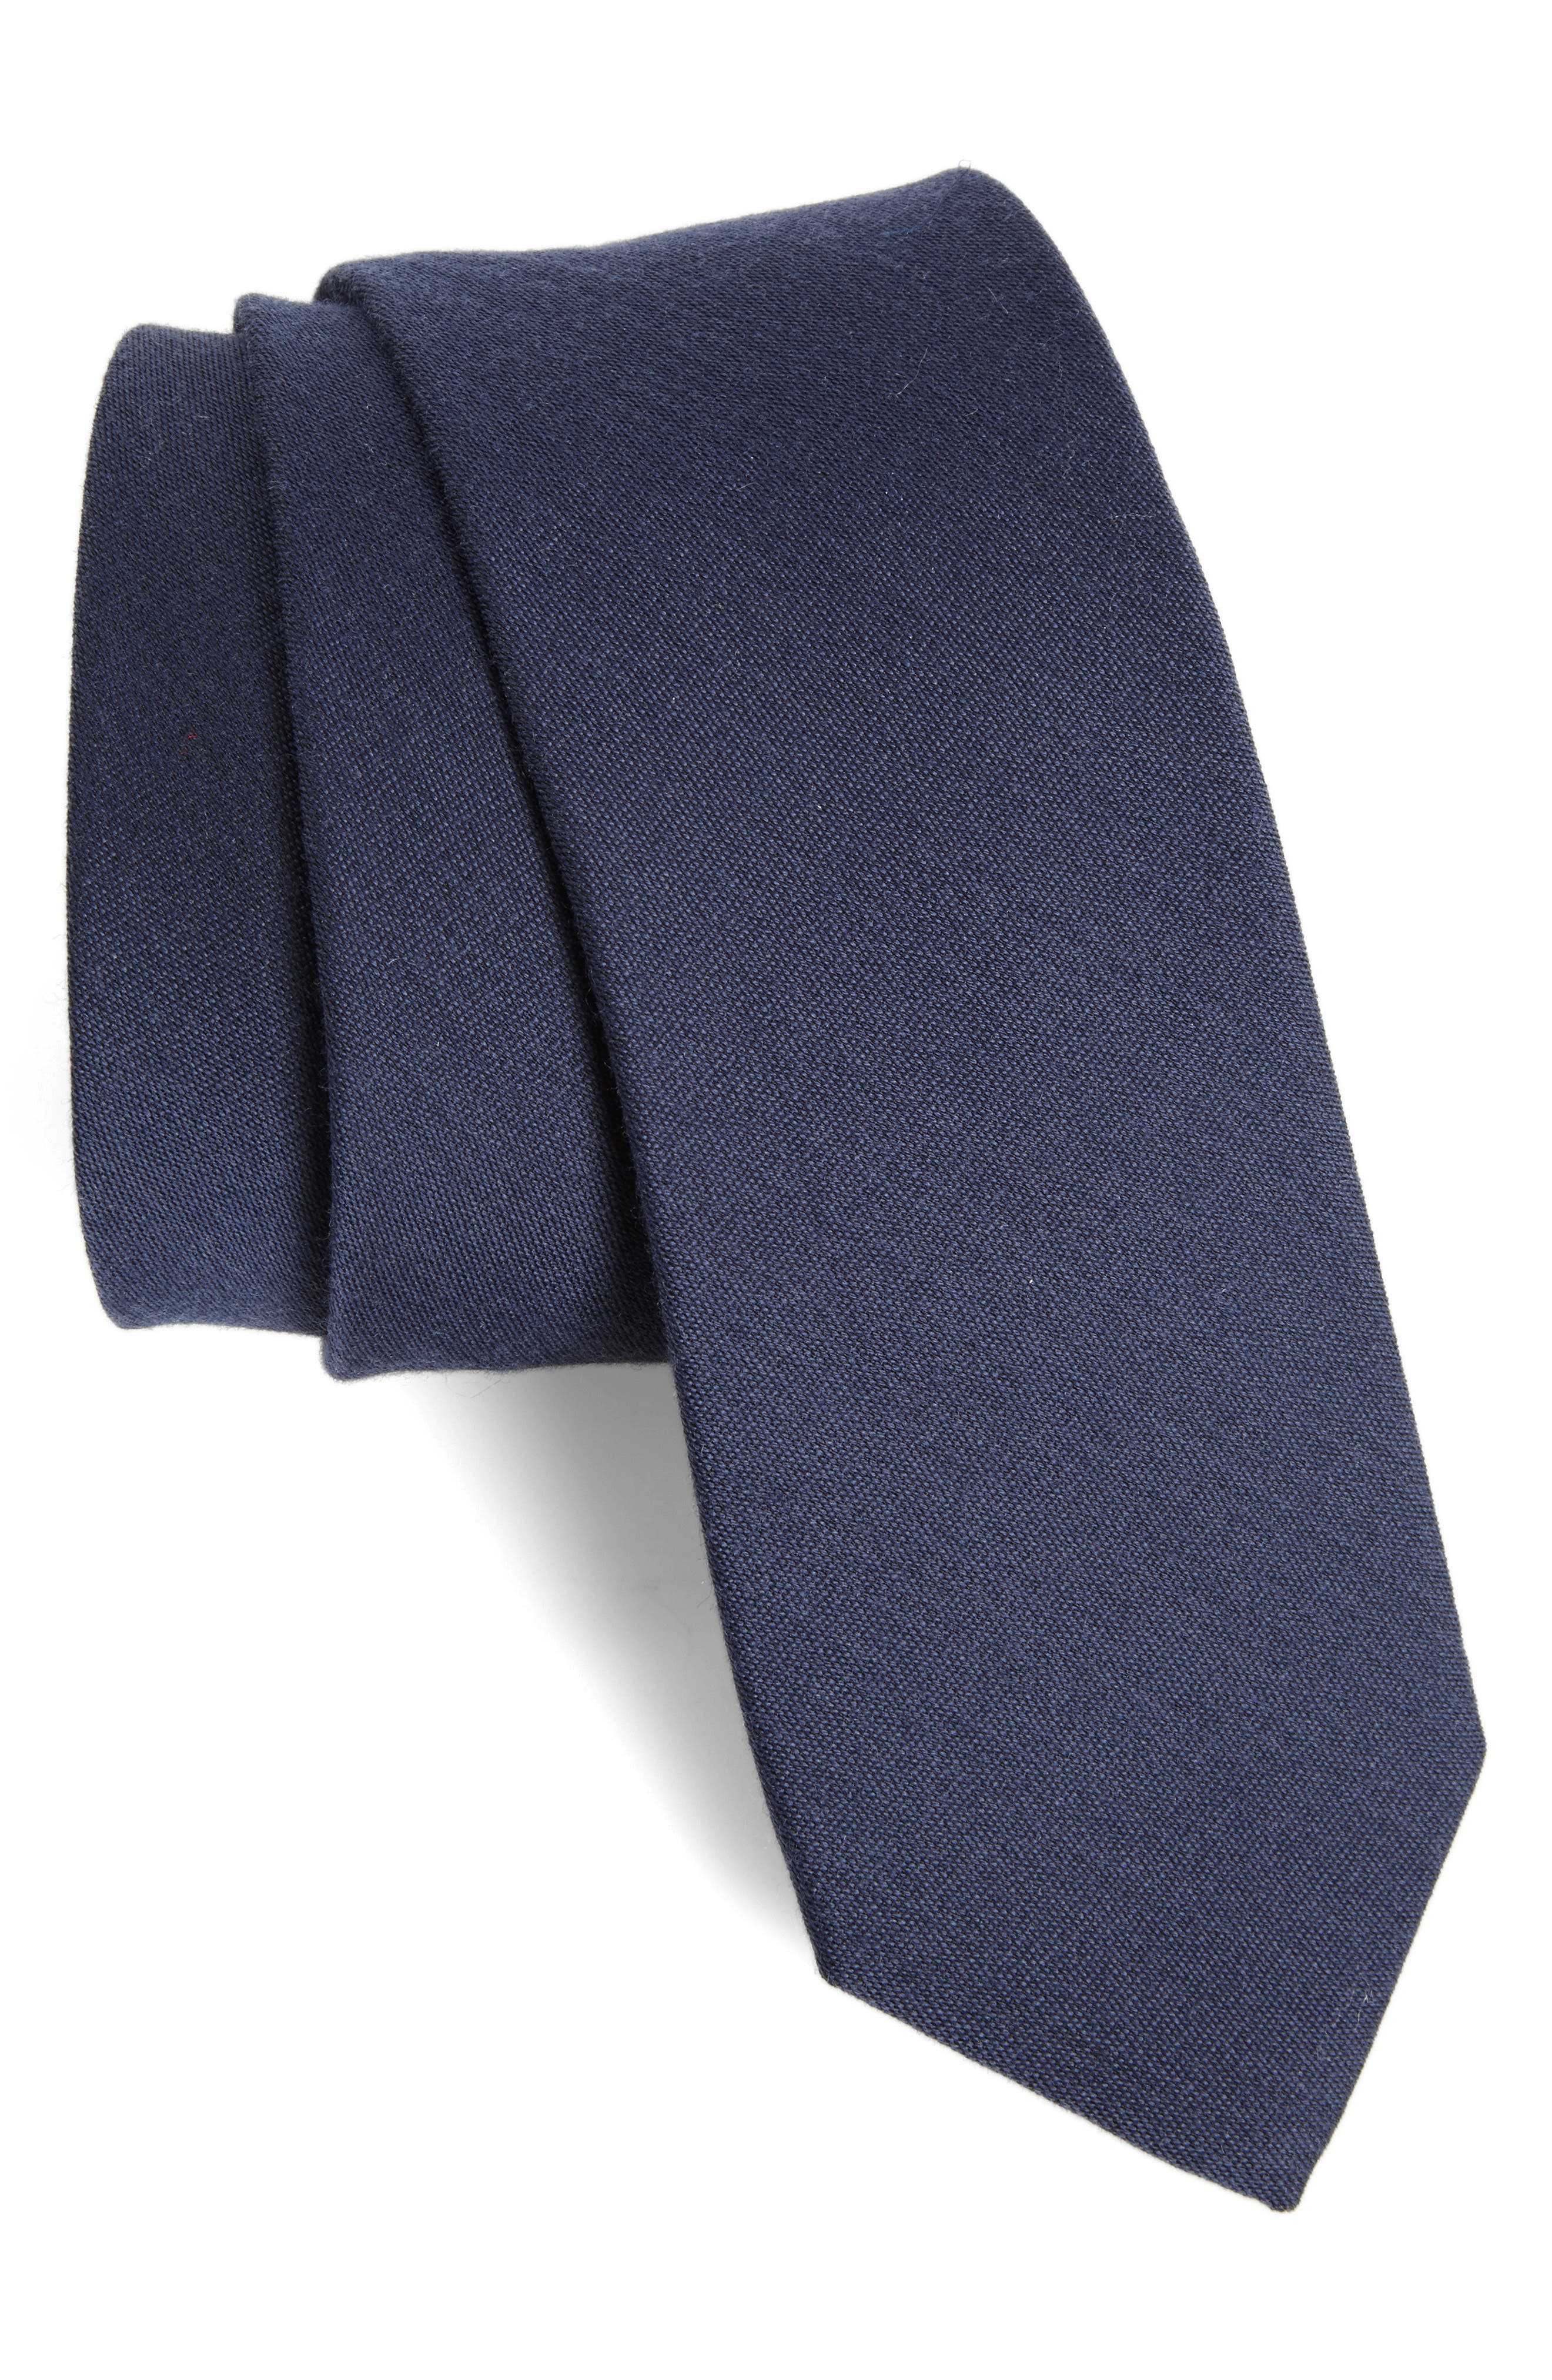 Alternate Image 1 Selected - The Tie Bar Solid Wool Blend Skinny Tie